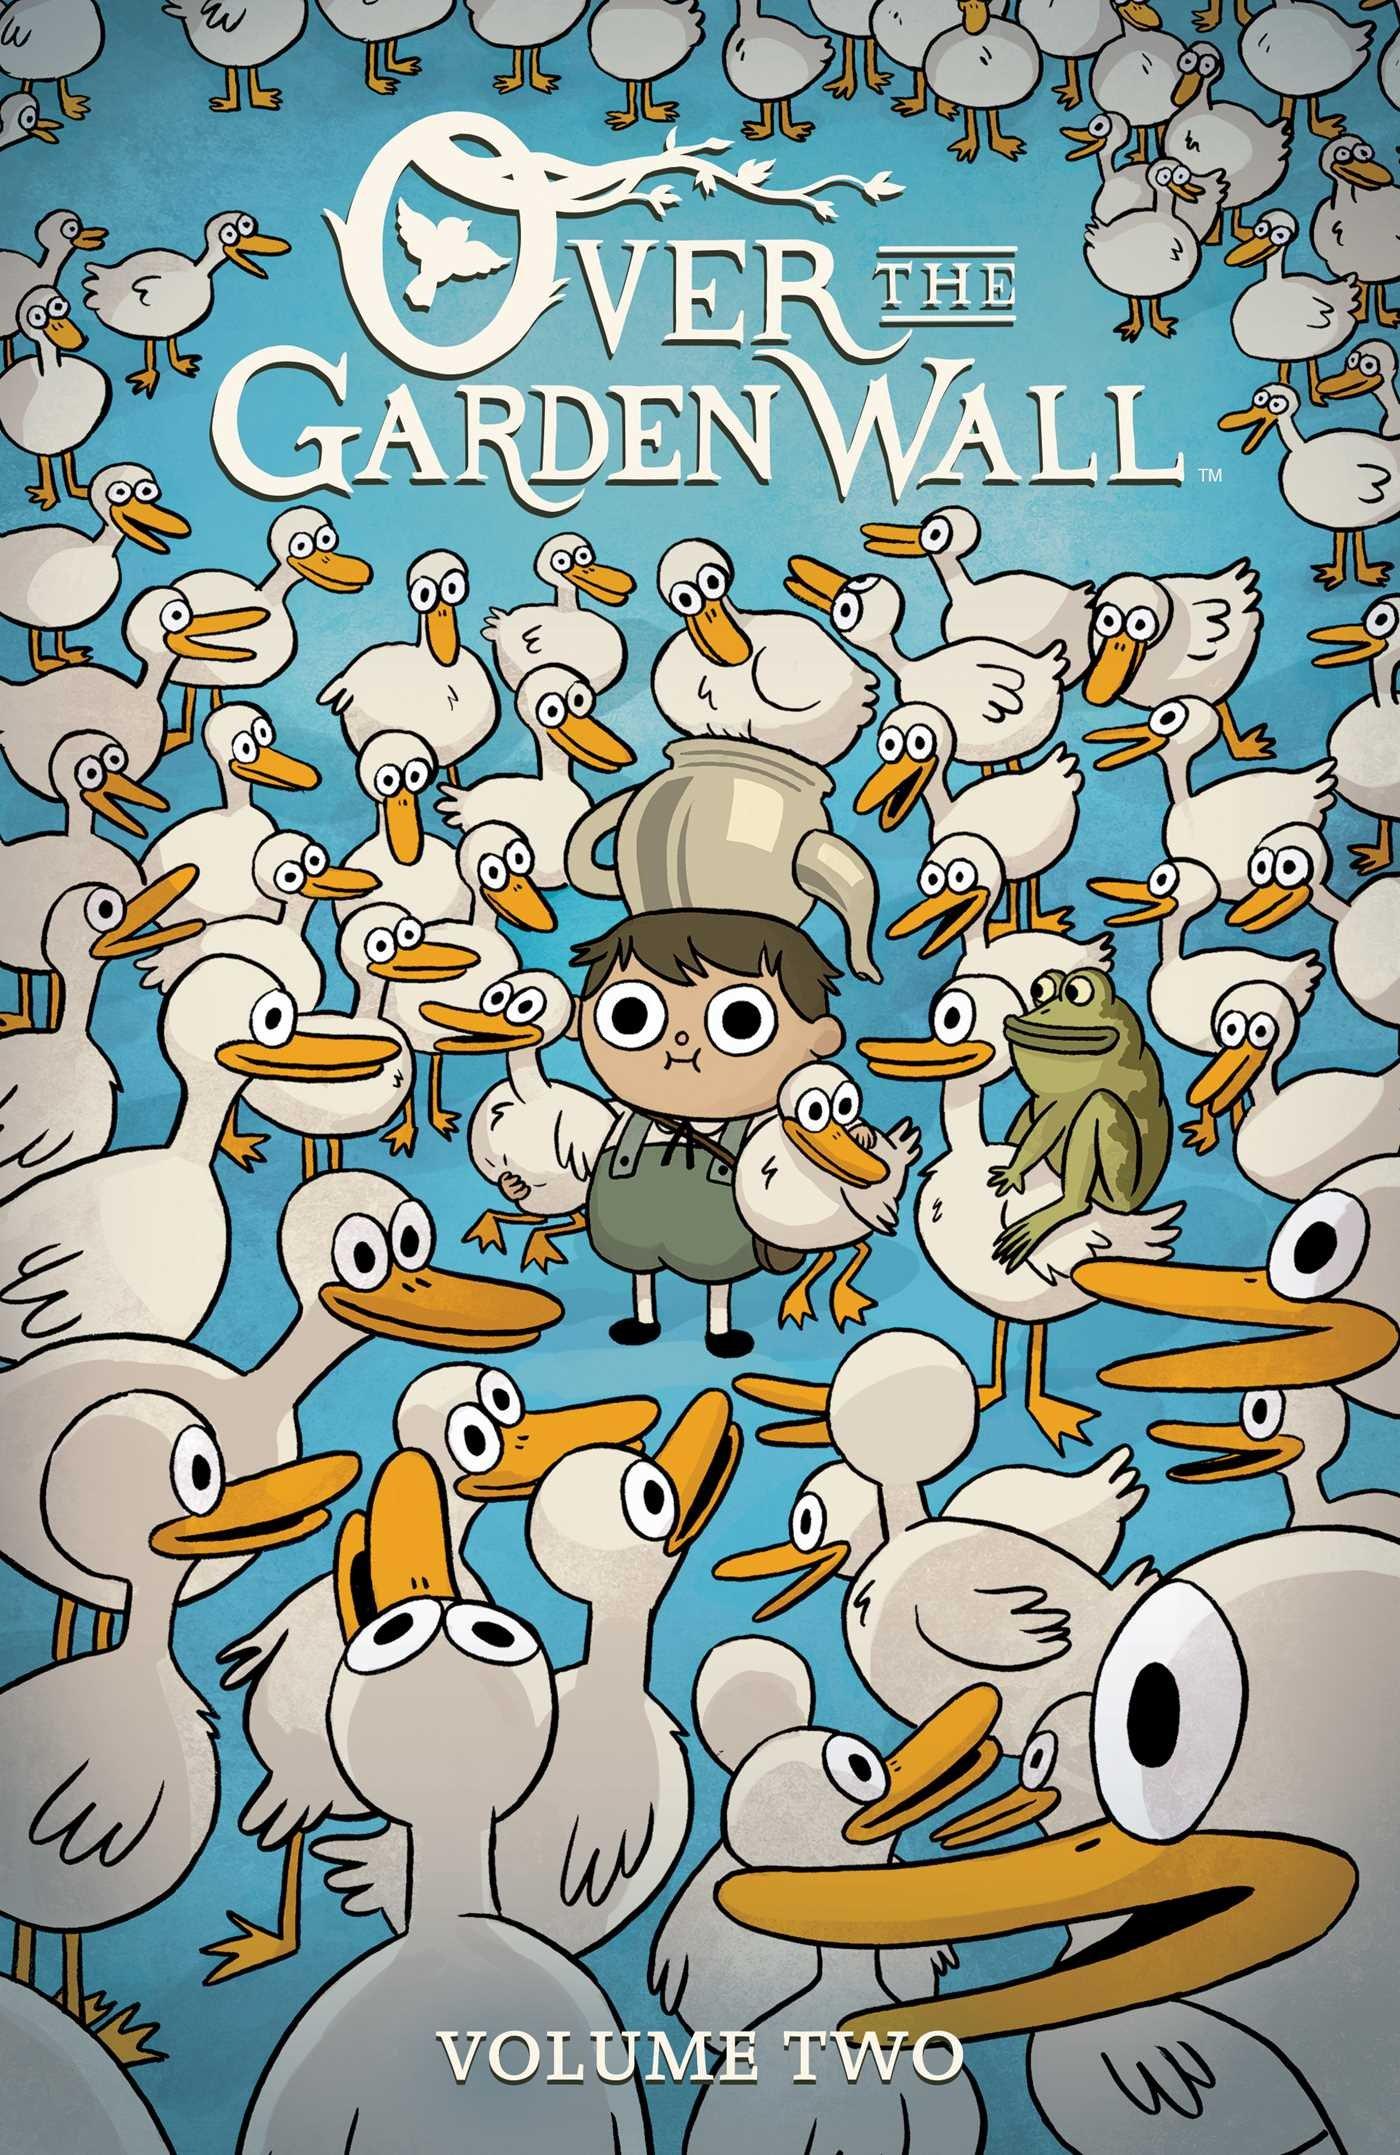 Over the Garden Wall Vol. 2